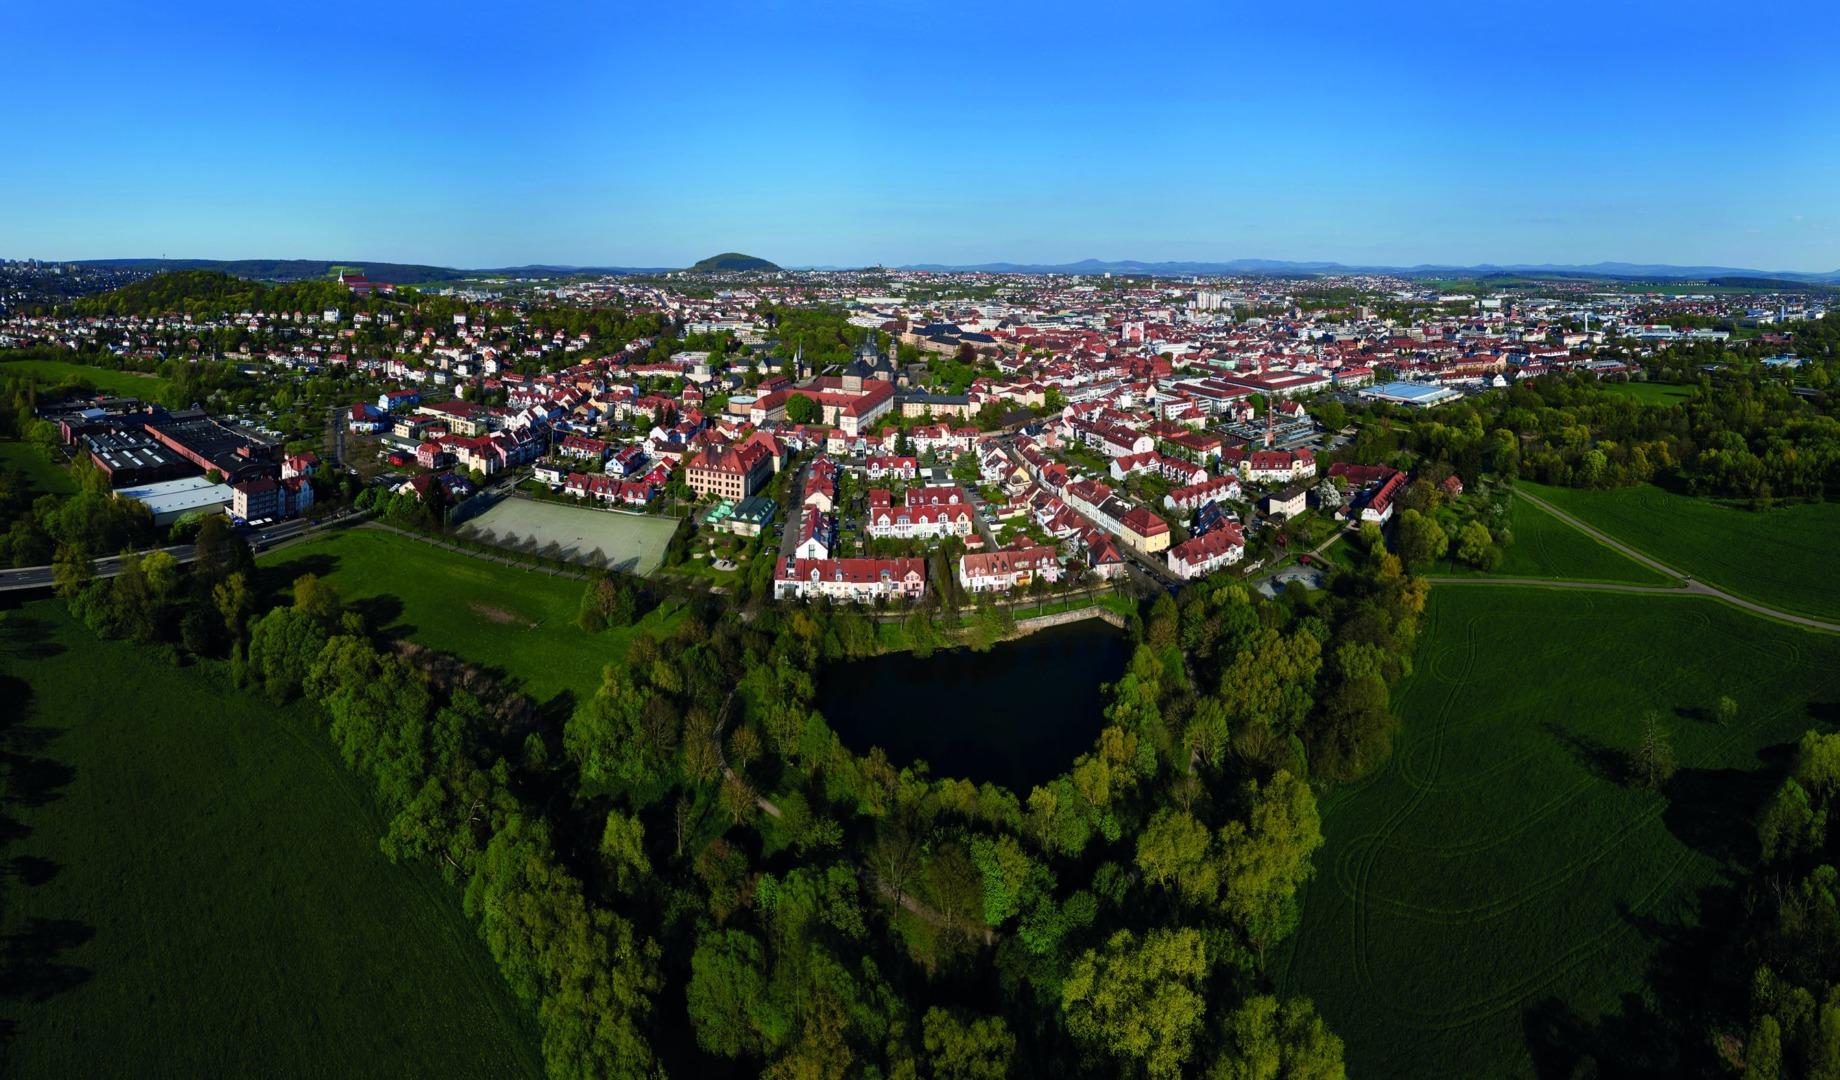 Die Reduzierung der Flächeninanspruchnahme ist Teil der Deutschen Nachhaltigkeitsstrategie